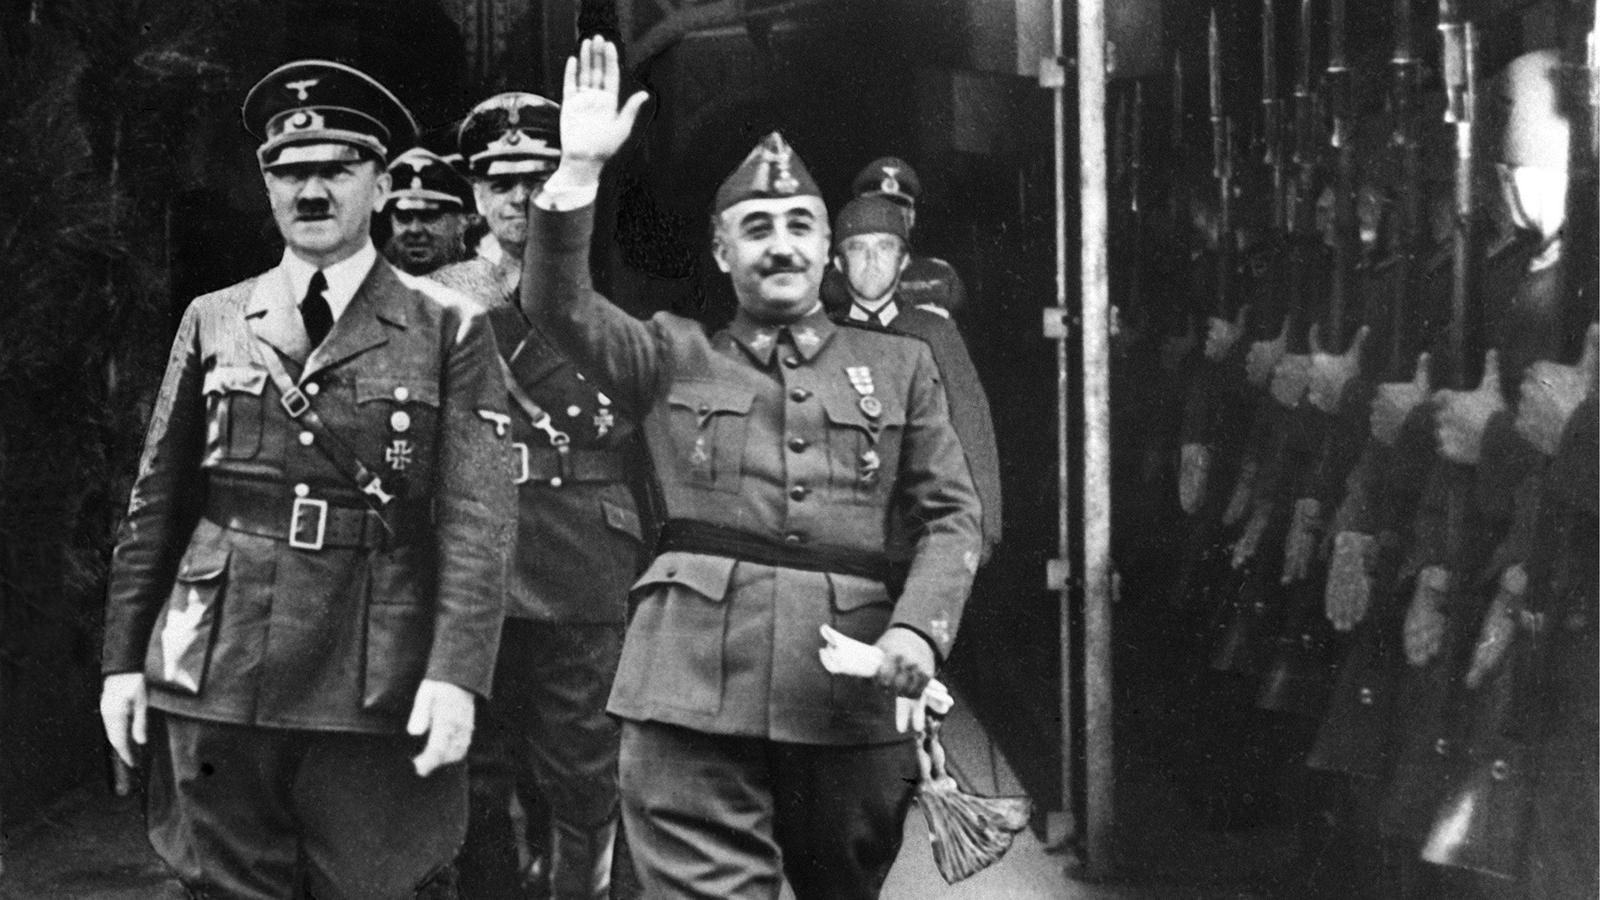 Francisco Franco amb Adolf Hitler. Tots dos dictadors van passar revista a les tropes que apareixen a la imatge i van aixecar el braç com salutació, però les figures de Franco i de Hitler van ser preses d'un altre acte anterior i enganxades sobre l'original d'Hendaia, probablement per realçar la seva imatge.